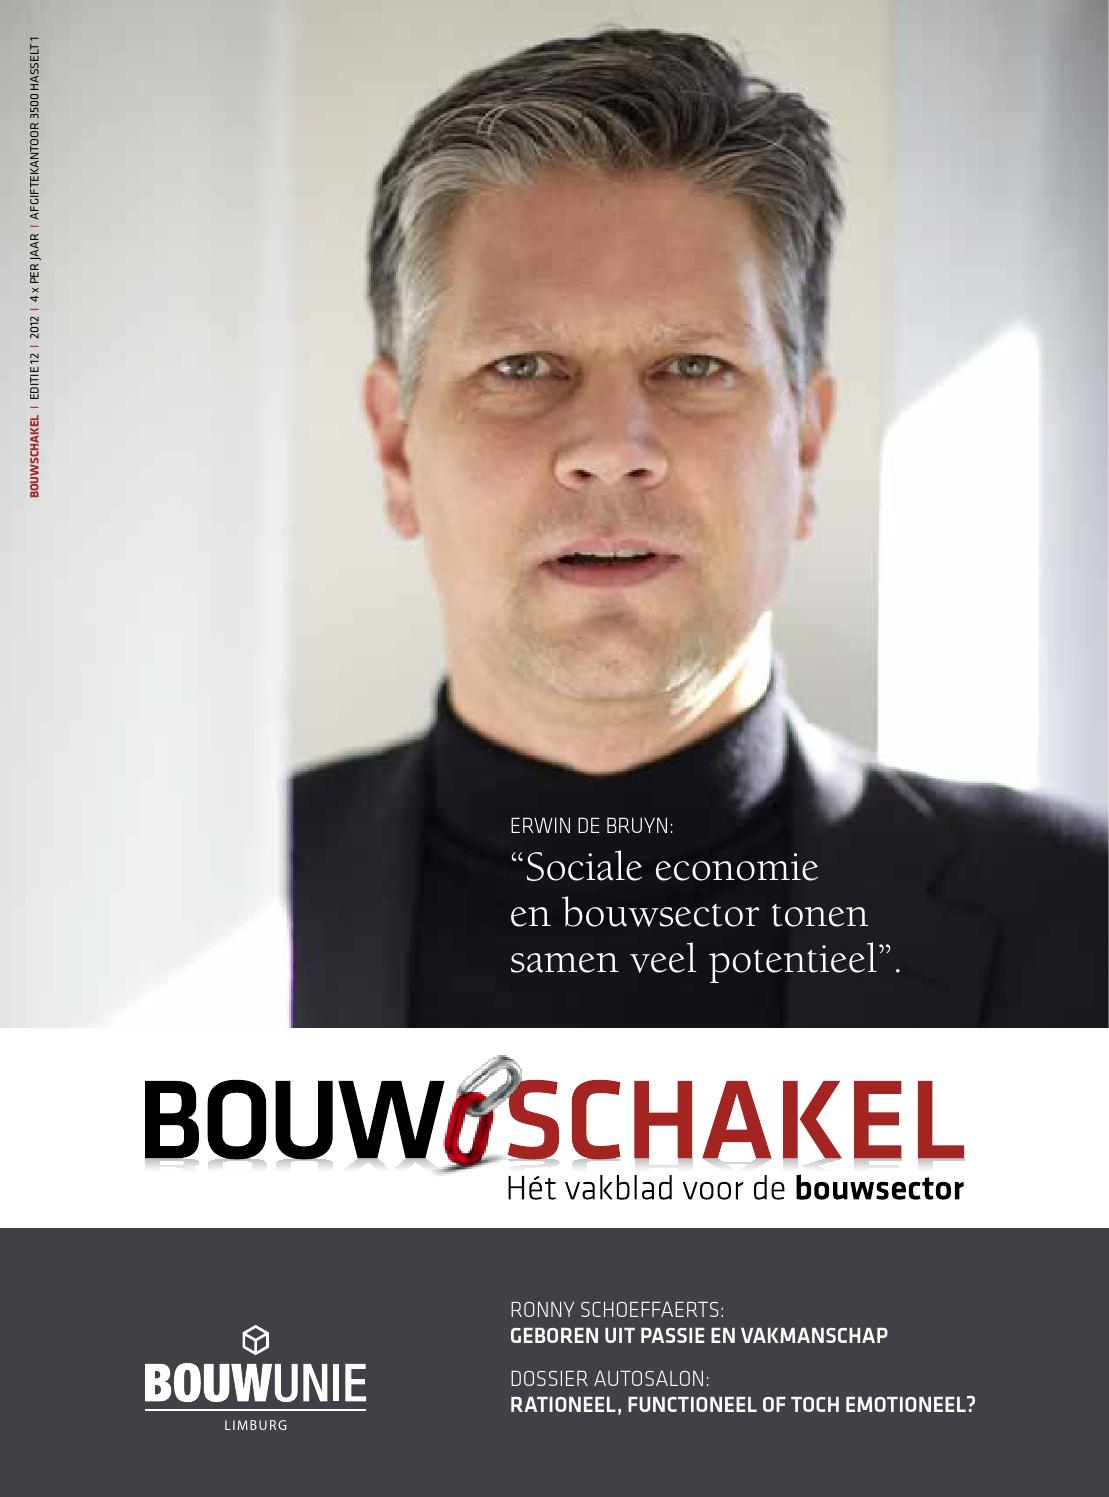 Bouwschakel editie 12 by davy maesen   issuu